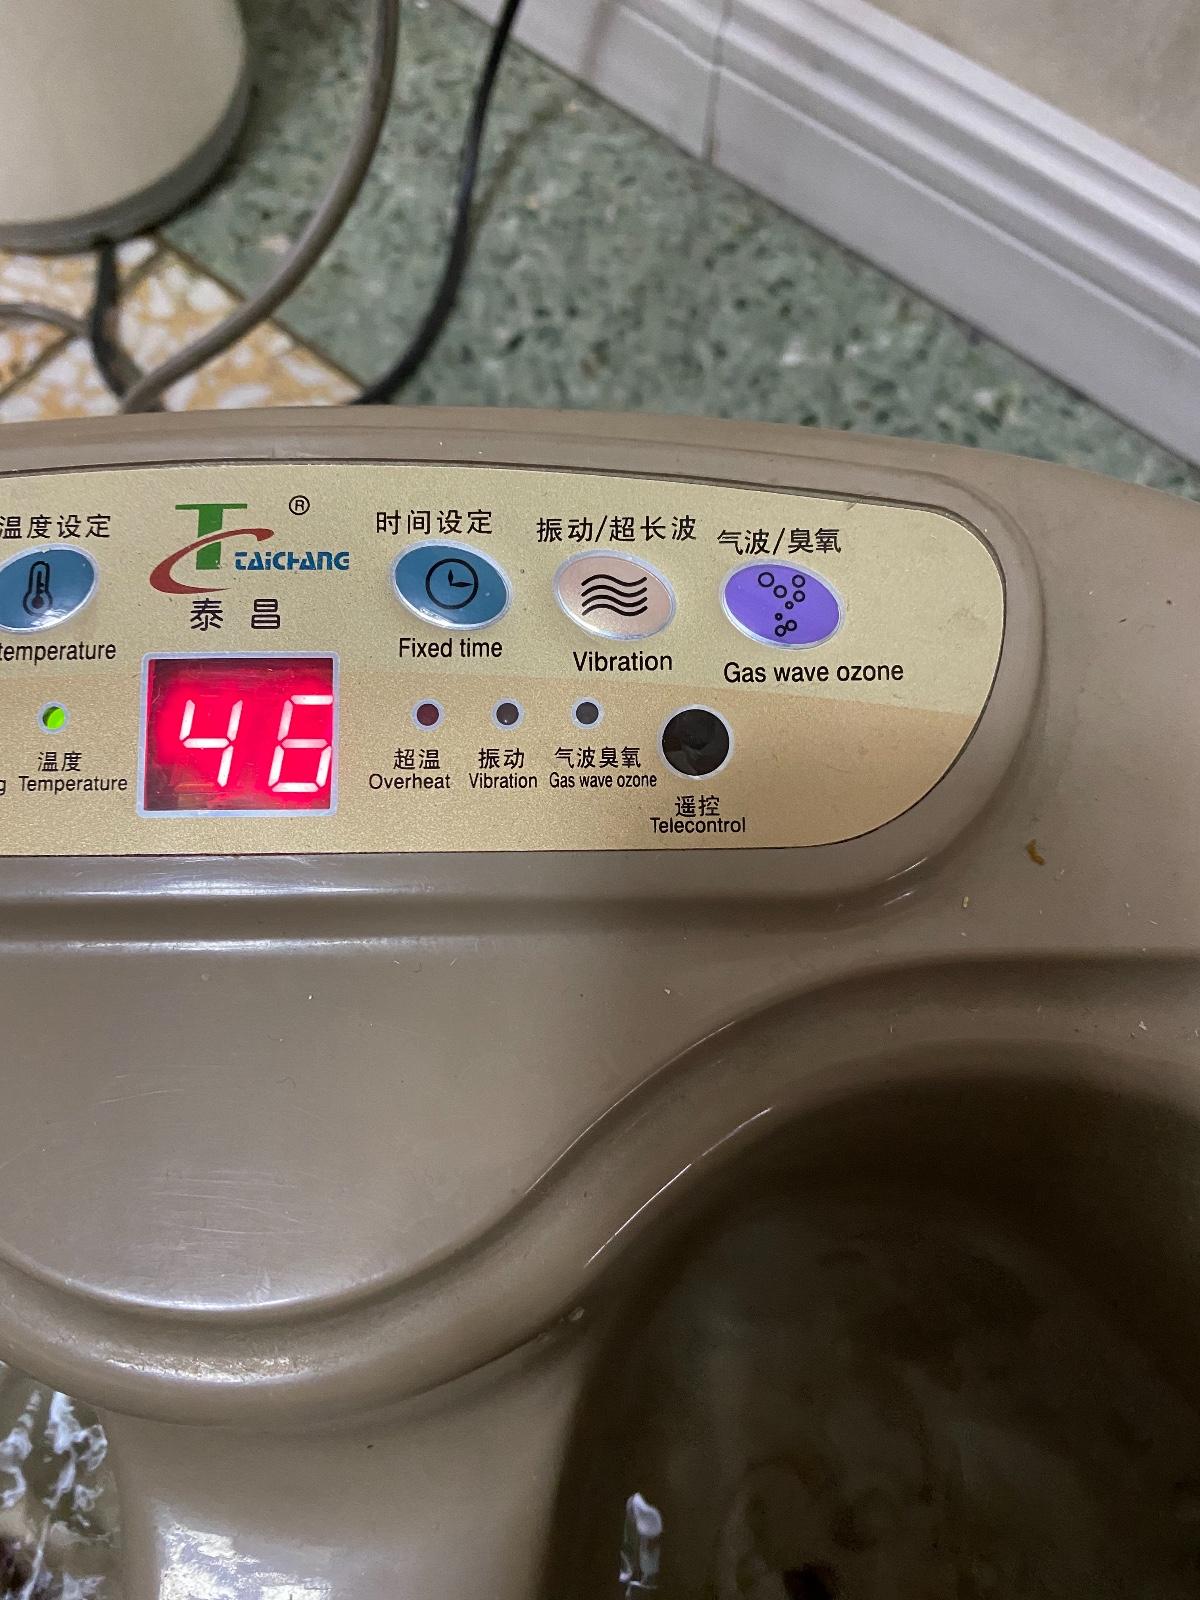 我家的泡脚盆的遥控器找不见了,没有遥控怎么办呢?